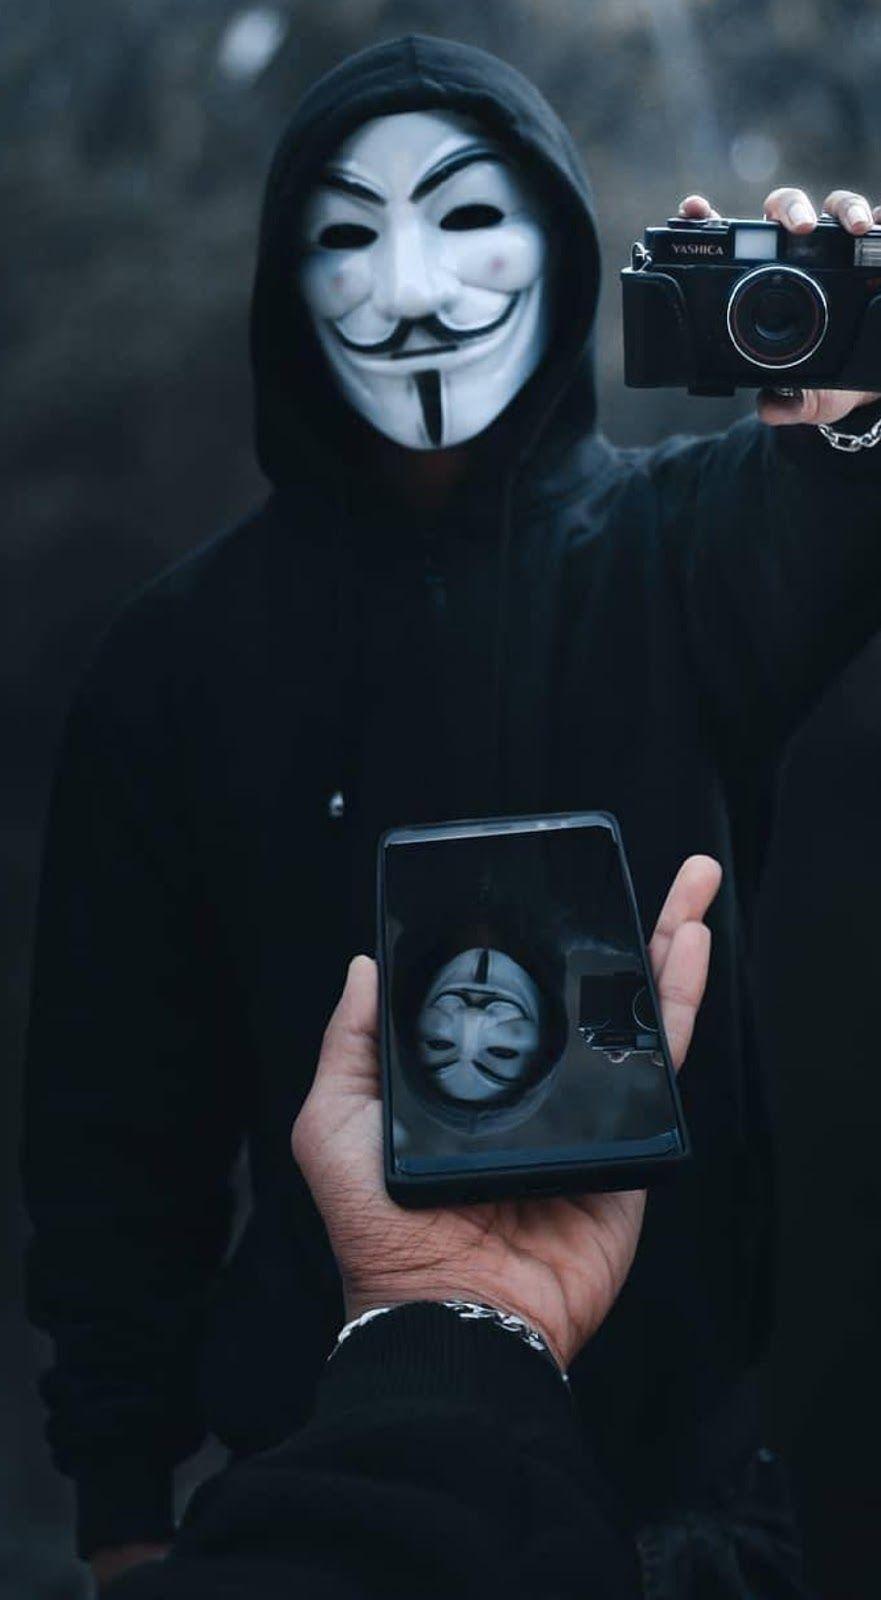 Pin On Hire A Hacker Hacker joker mask wallpaper